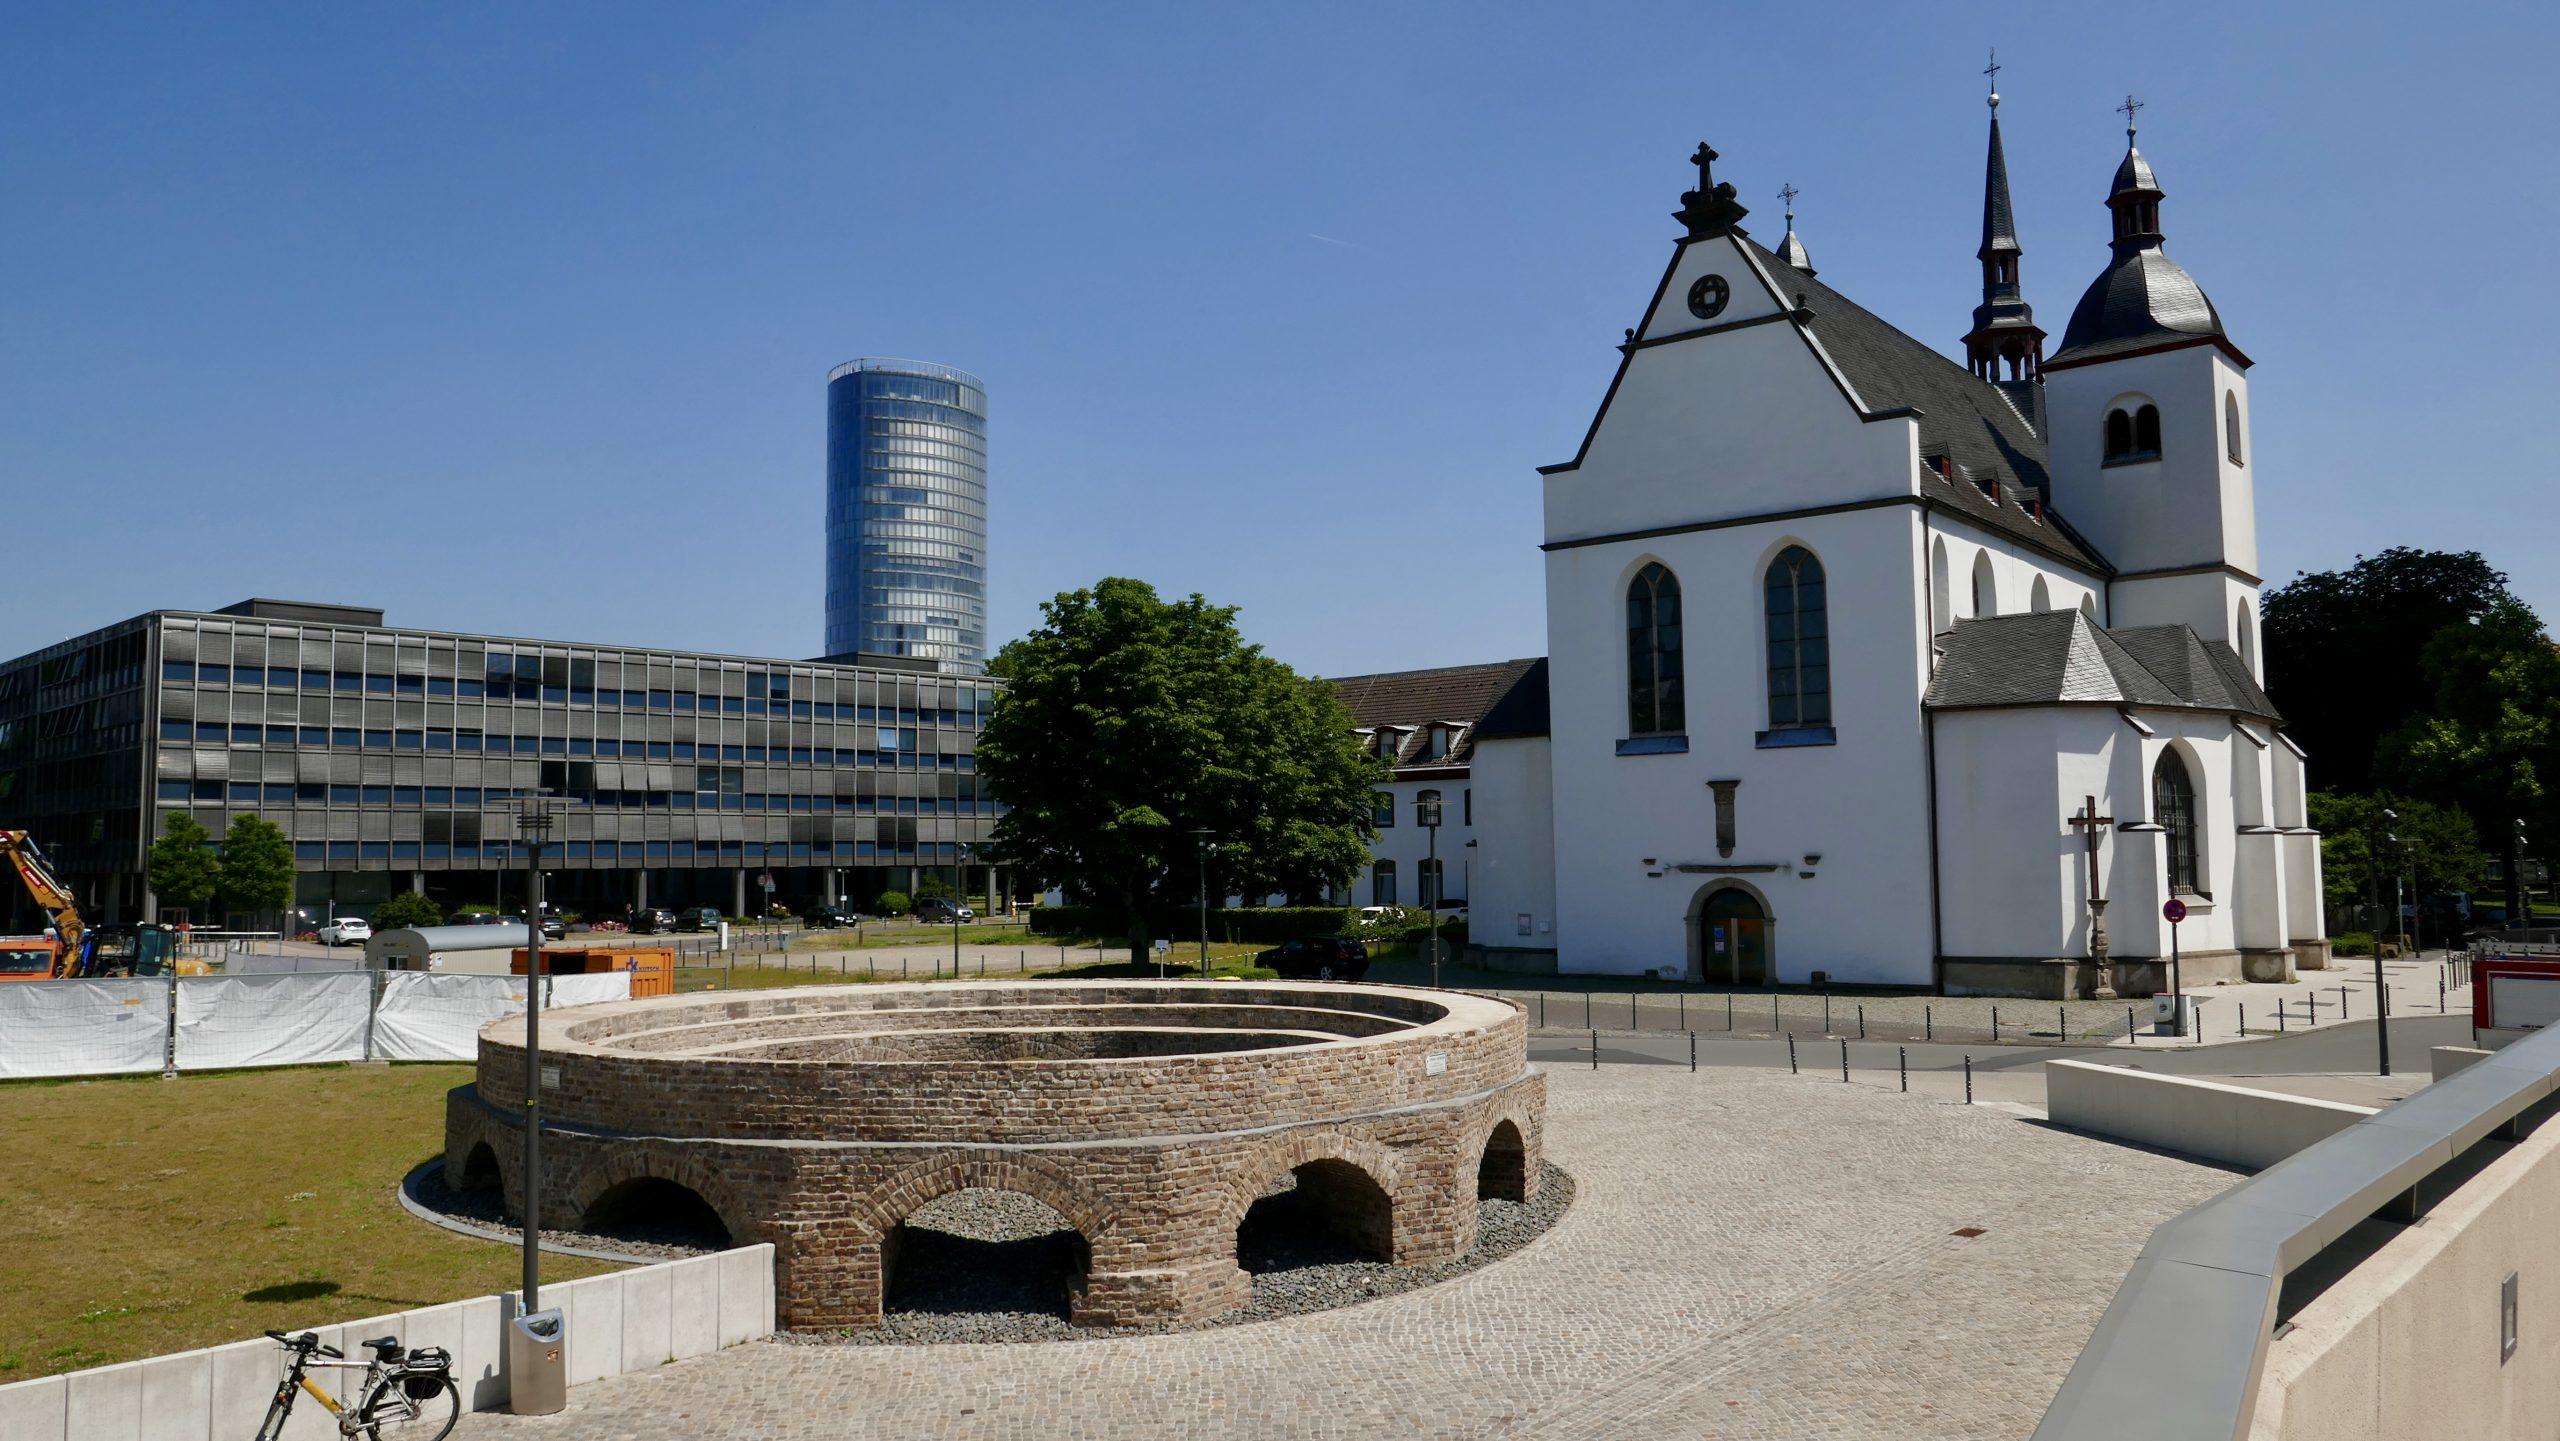 Schinkenkessel, Alt-St-Heribert und LVR, Deutz